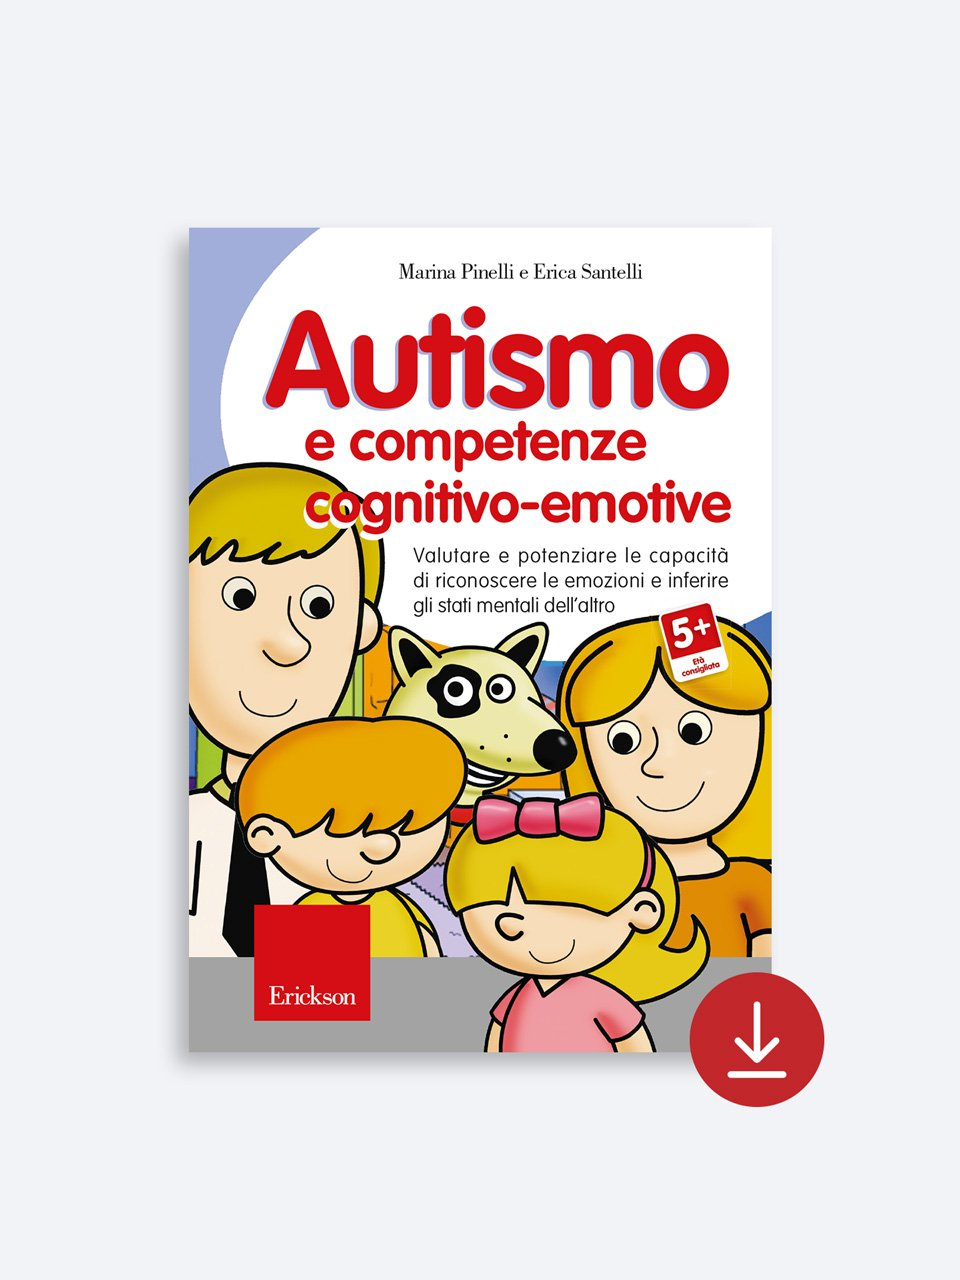 Autismo e competenze cognitivo-emotive - La trappola della felicità - Libri - Erickson